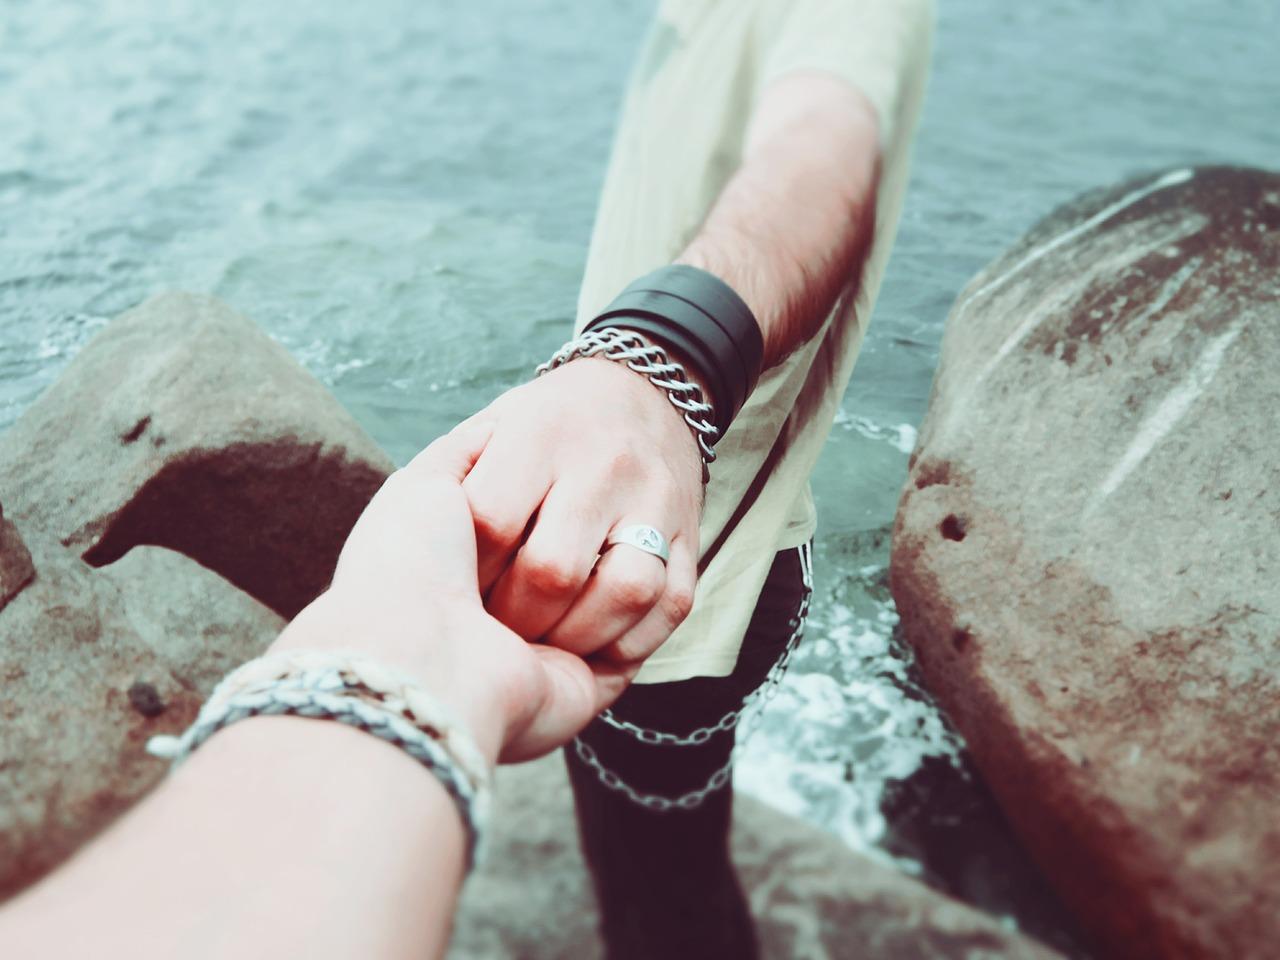 holding hands 924942 1280 - 【超簡単】 クラブナンパお持ち帰りできる方法まとめ